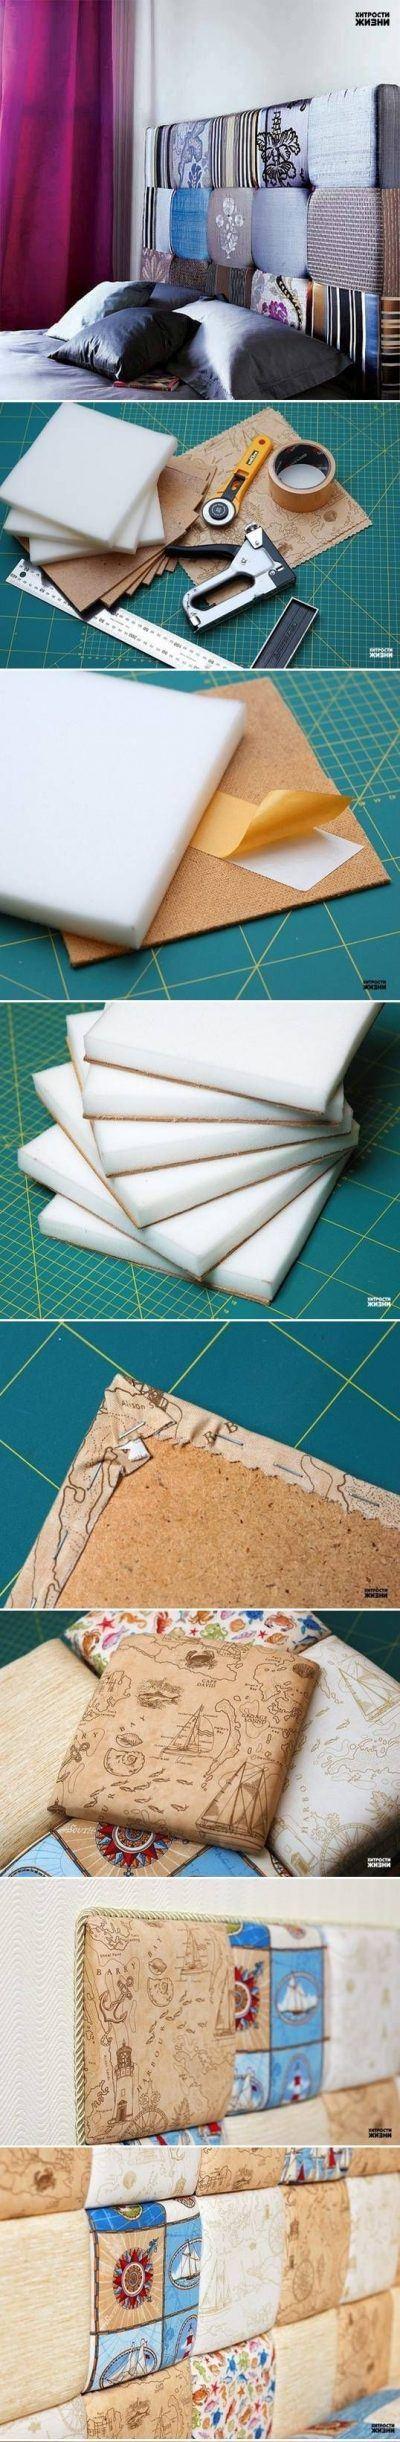 hacer-cabecero-de-cama-copia-1 --  DIY HeadBoard Project